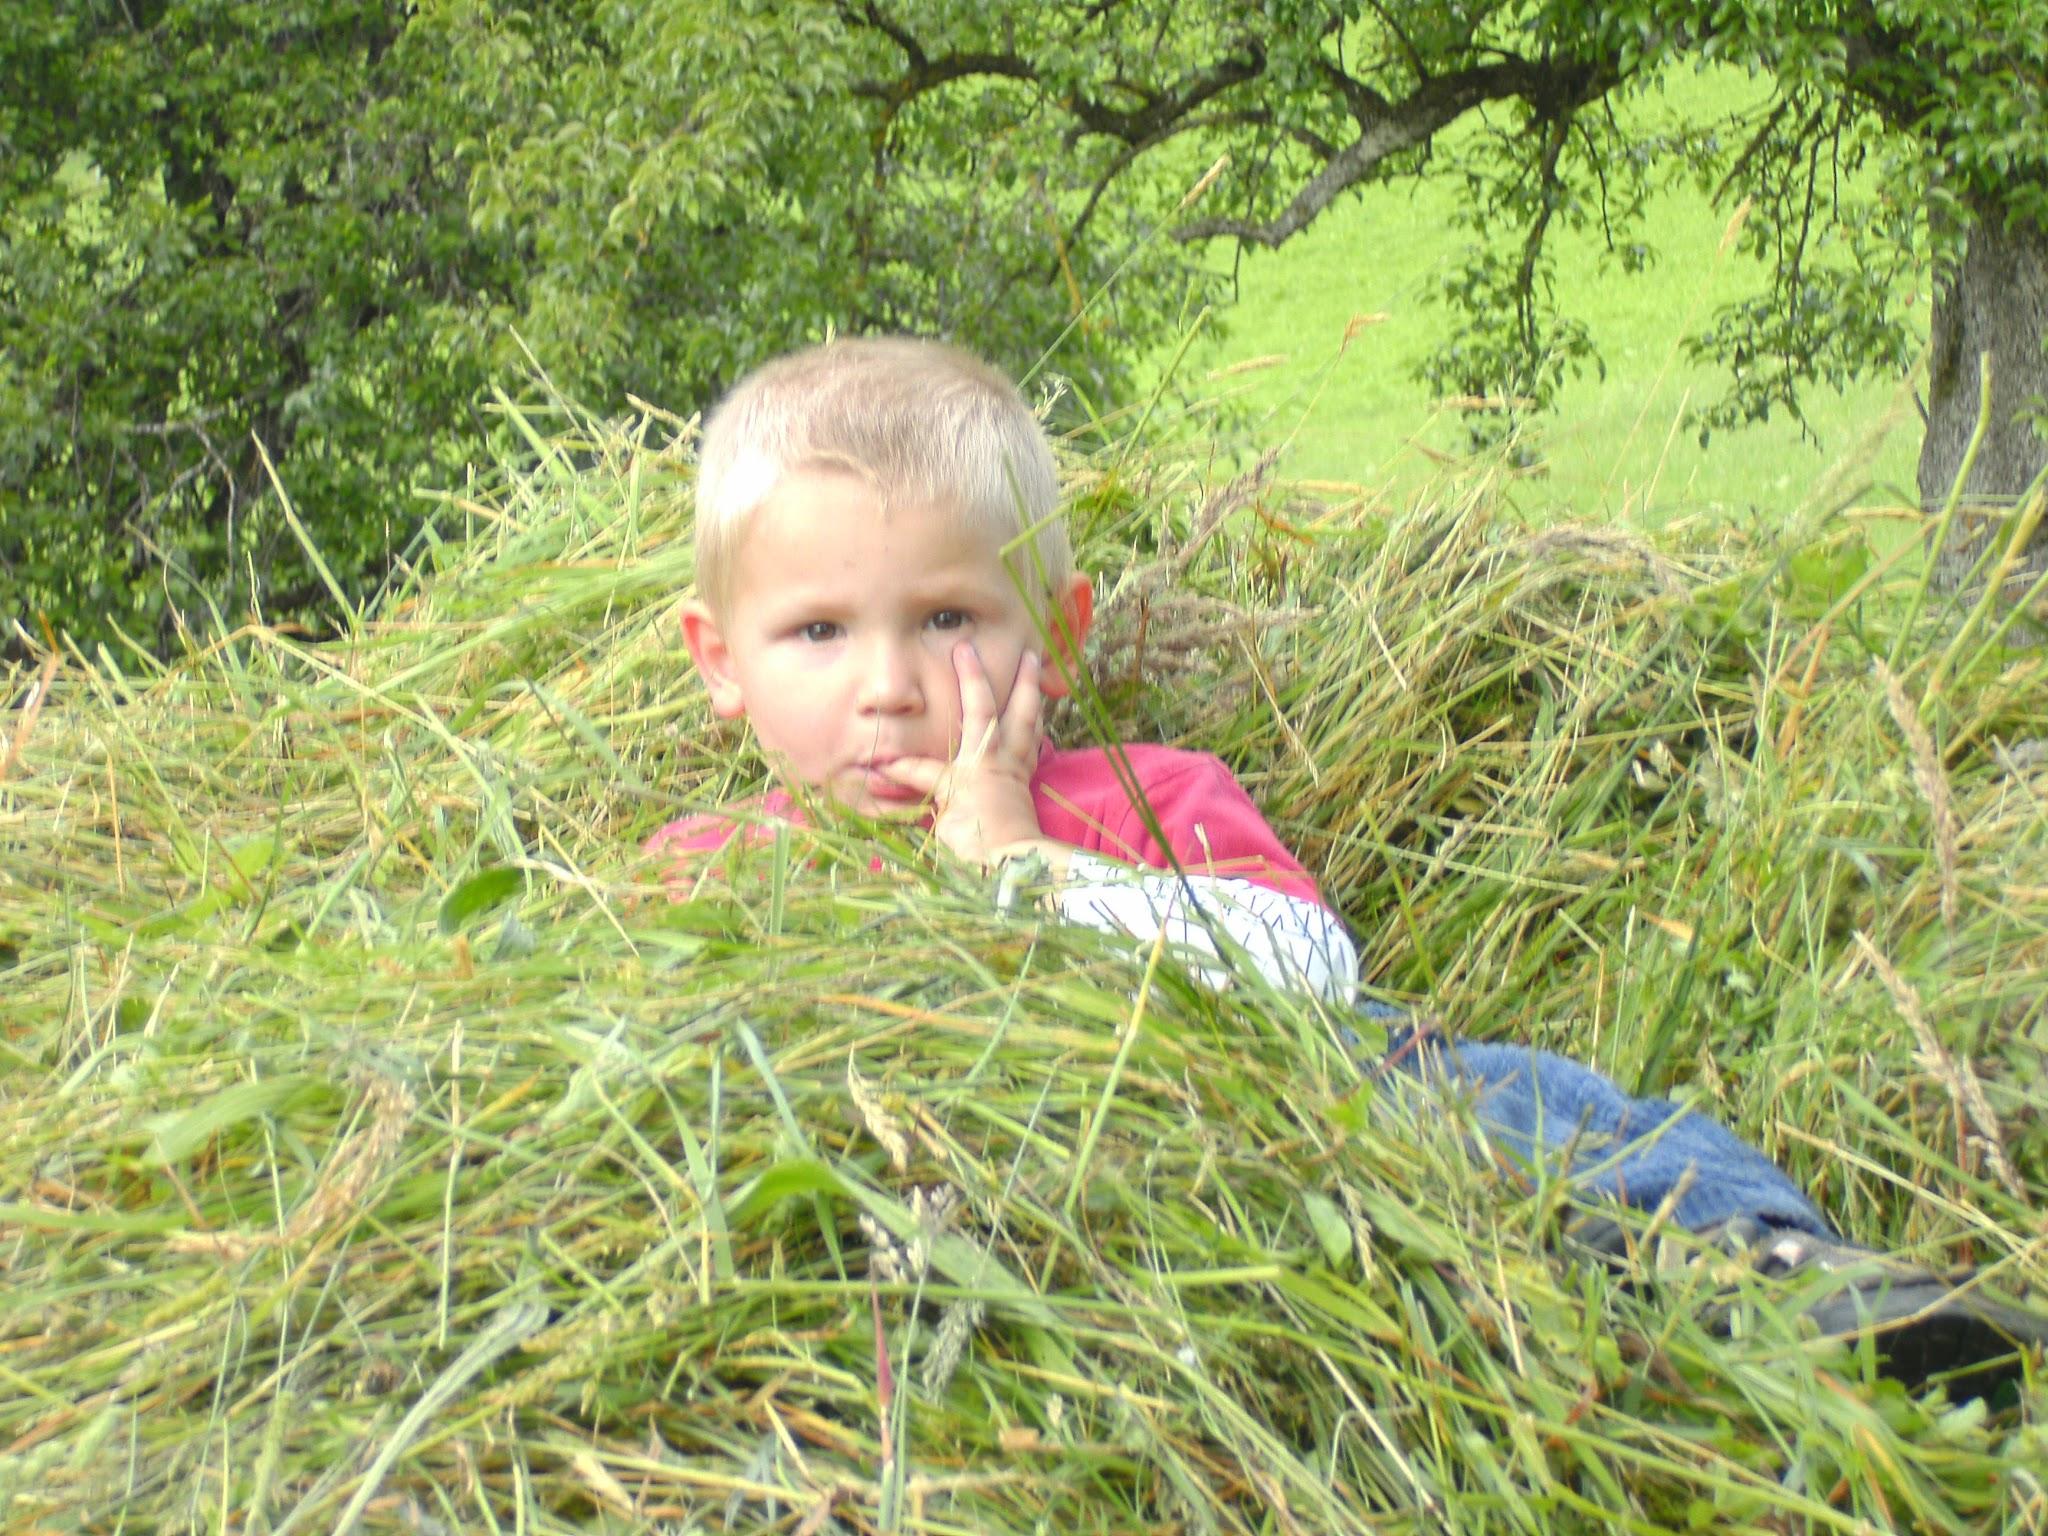 BILD0021 - Urlaub auf dem Braun-Hof in Durham / Fischbachau